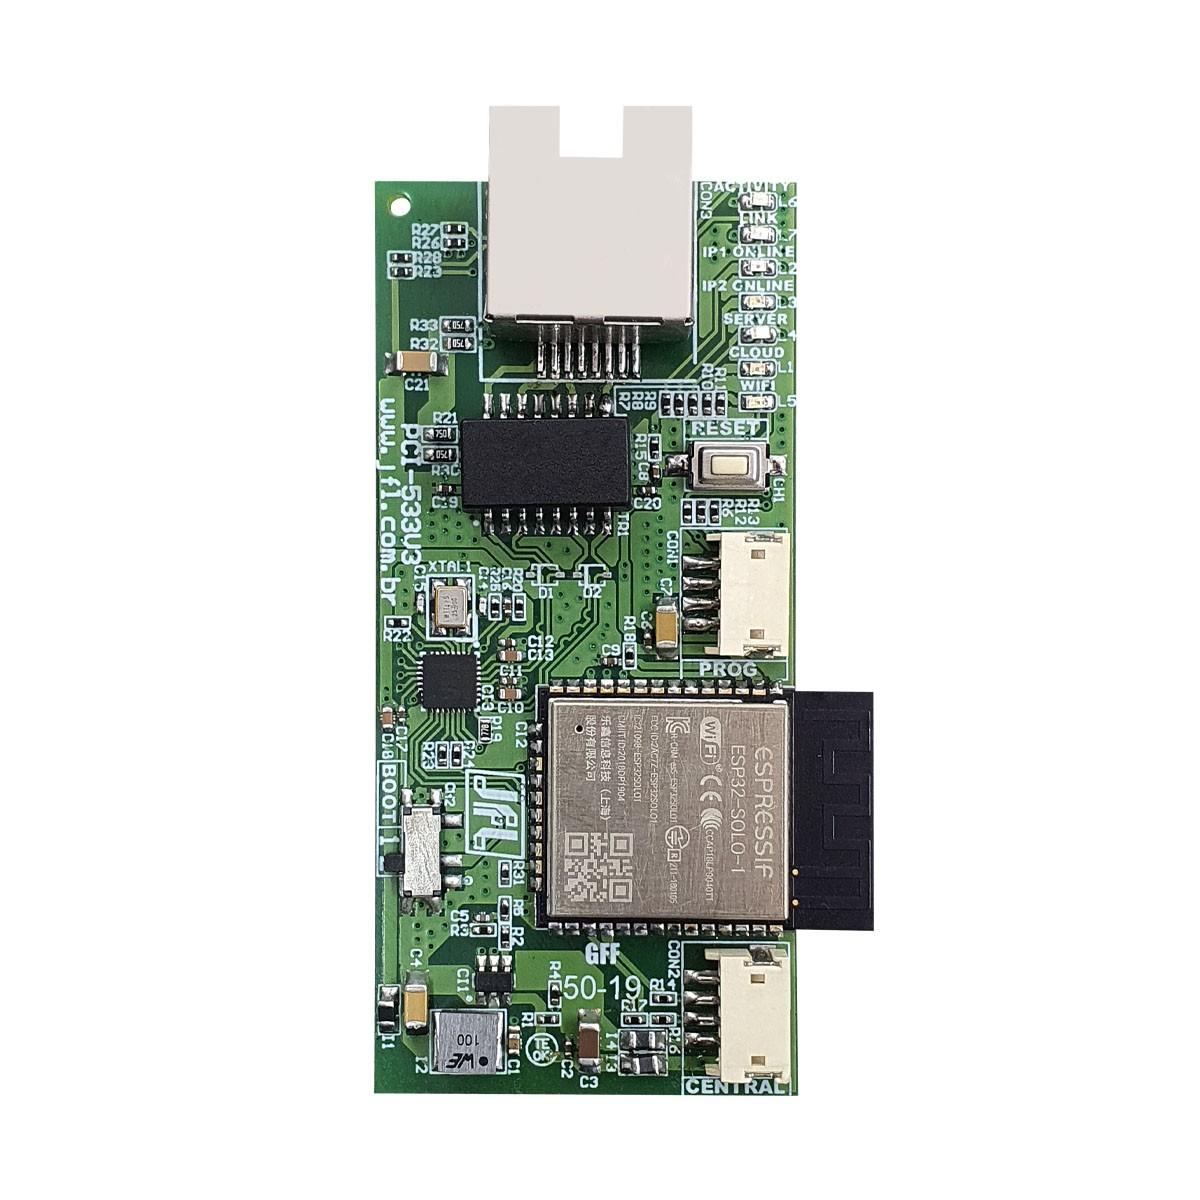 Kit Alarme SmartCloud 18 Jfl com Sensor Pet IRD 640